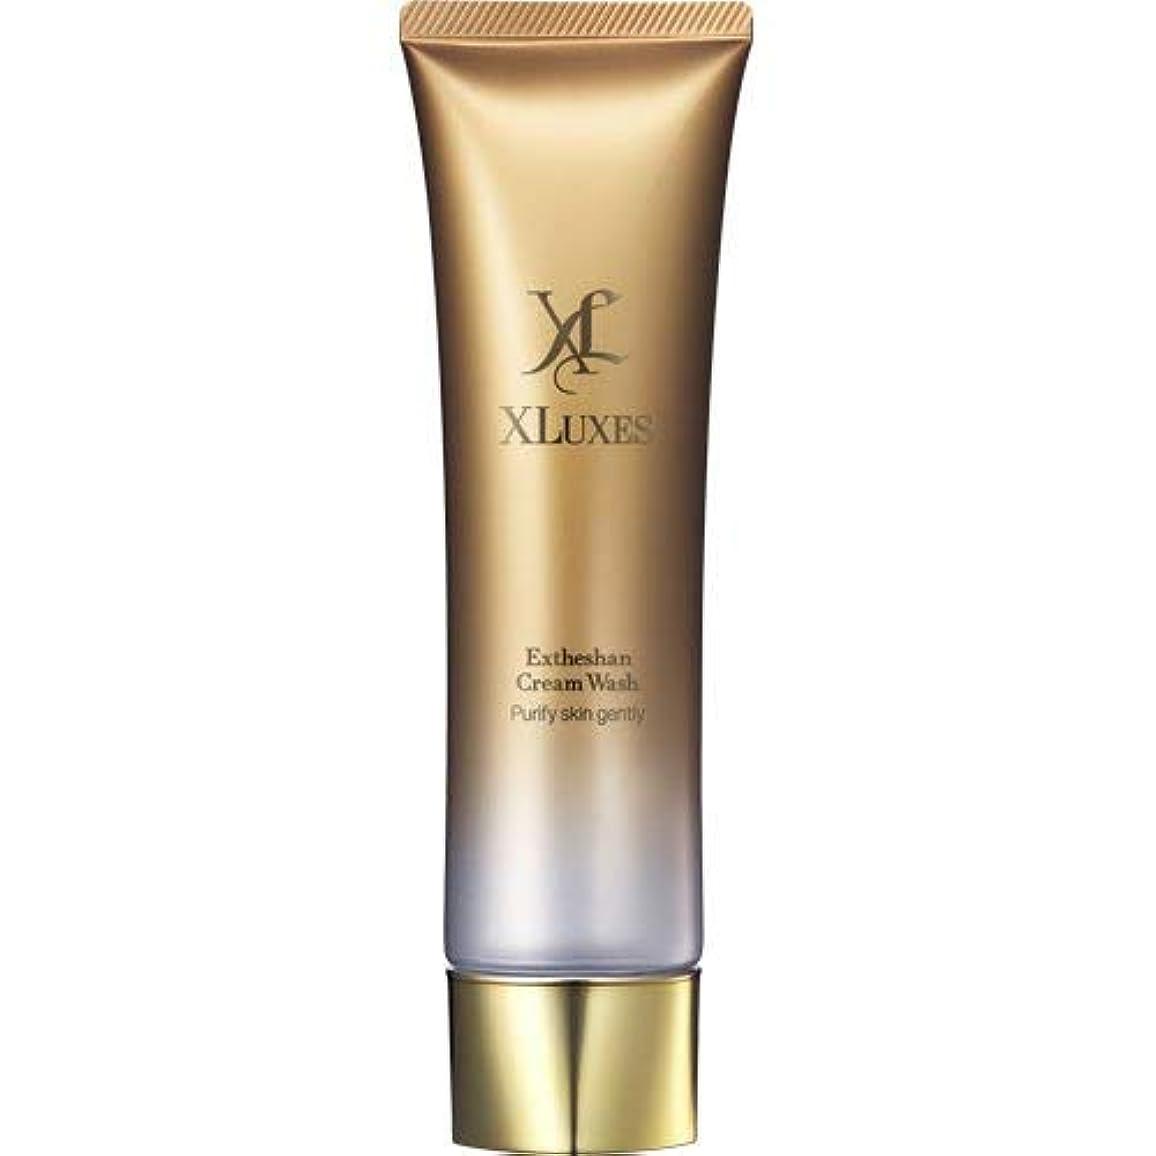 フェンス解き明かす真剣にXLUXES スキンケア洗顔料 ヒト幹細胞培養液配合 エグゼティシャン クリームウォッシュ